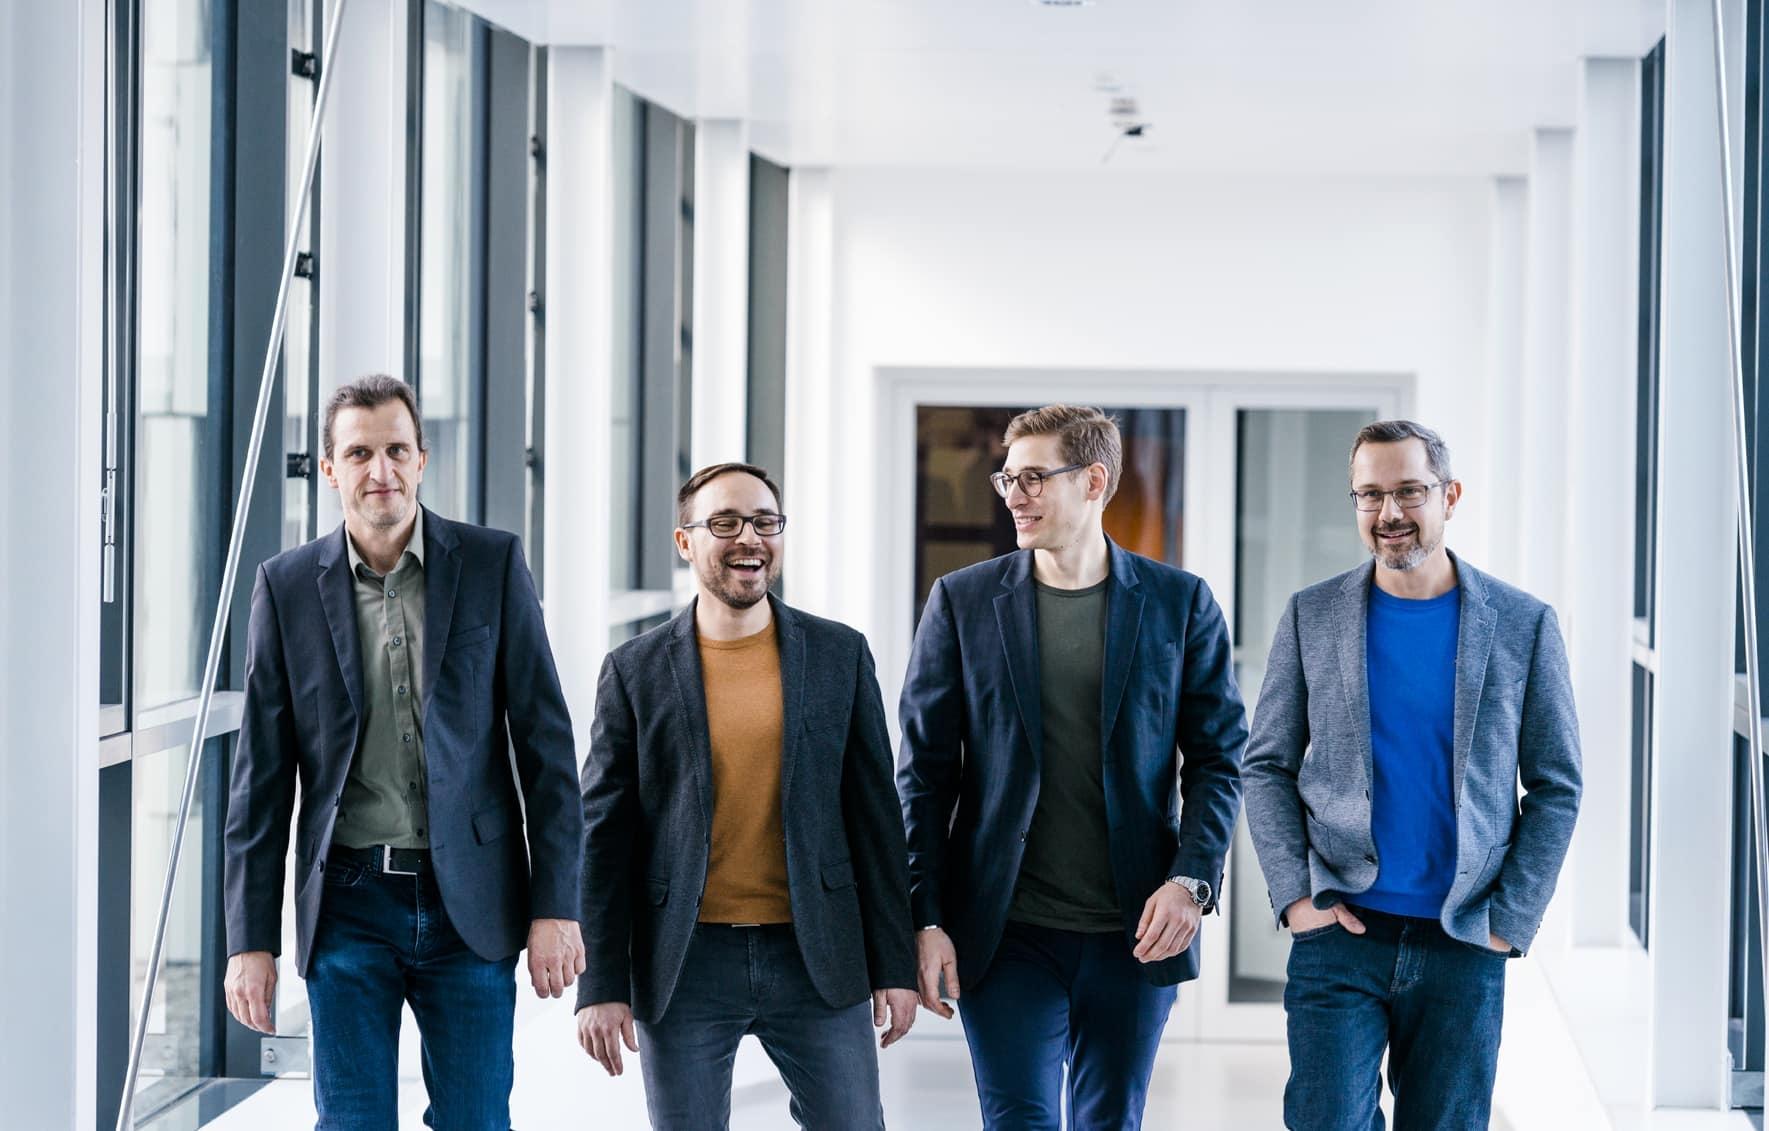 Die Unternehmensgründer von Variolytics Stephan Scherle, Dr. Matthias Stier, Johann Barlach und Steffen Görner (von links nach rechts).